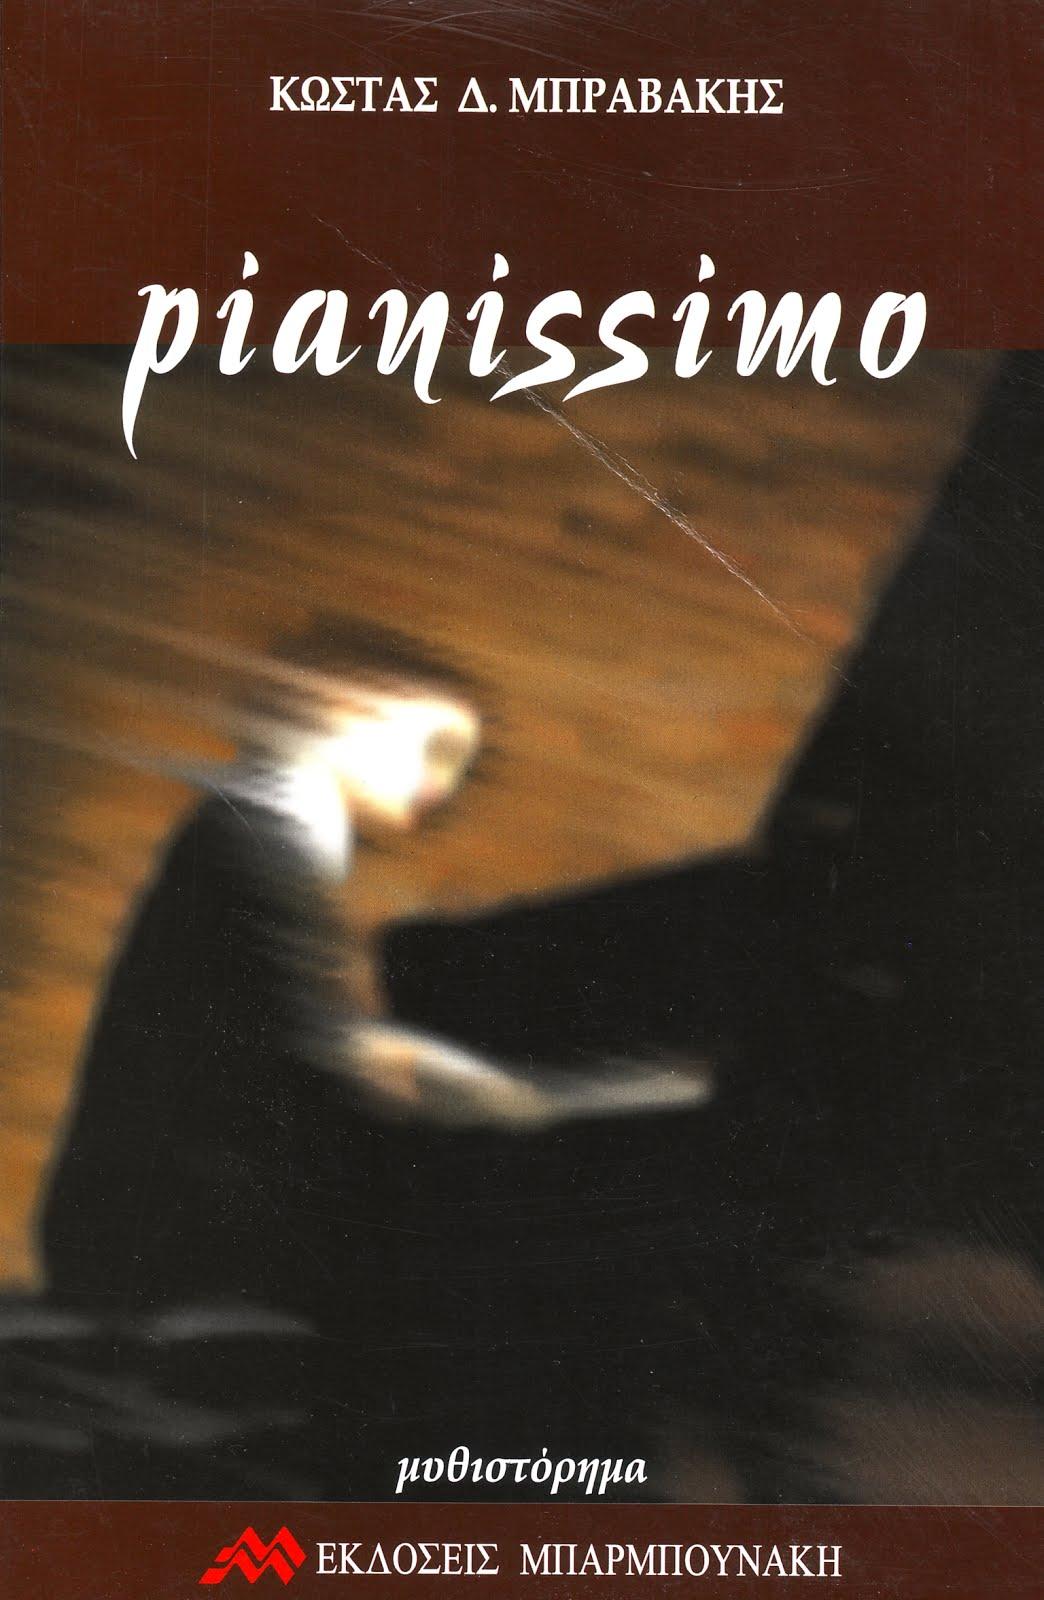 pianissimo - μυθιστορημα